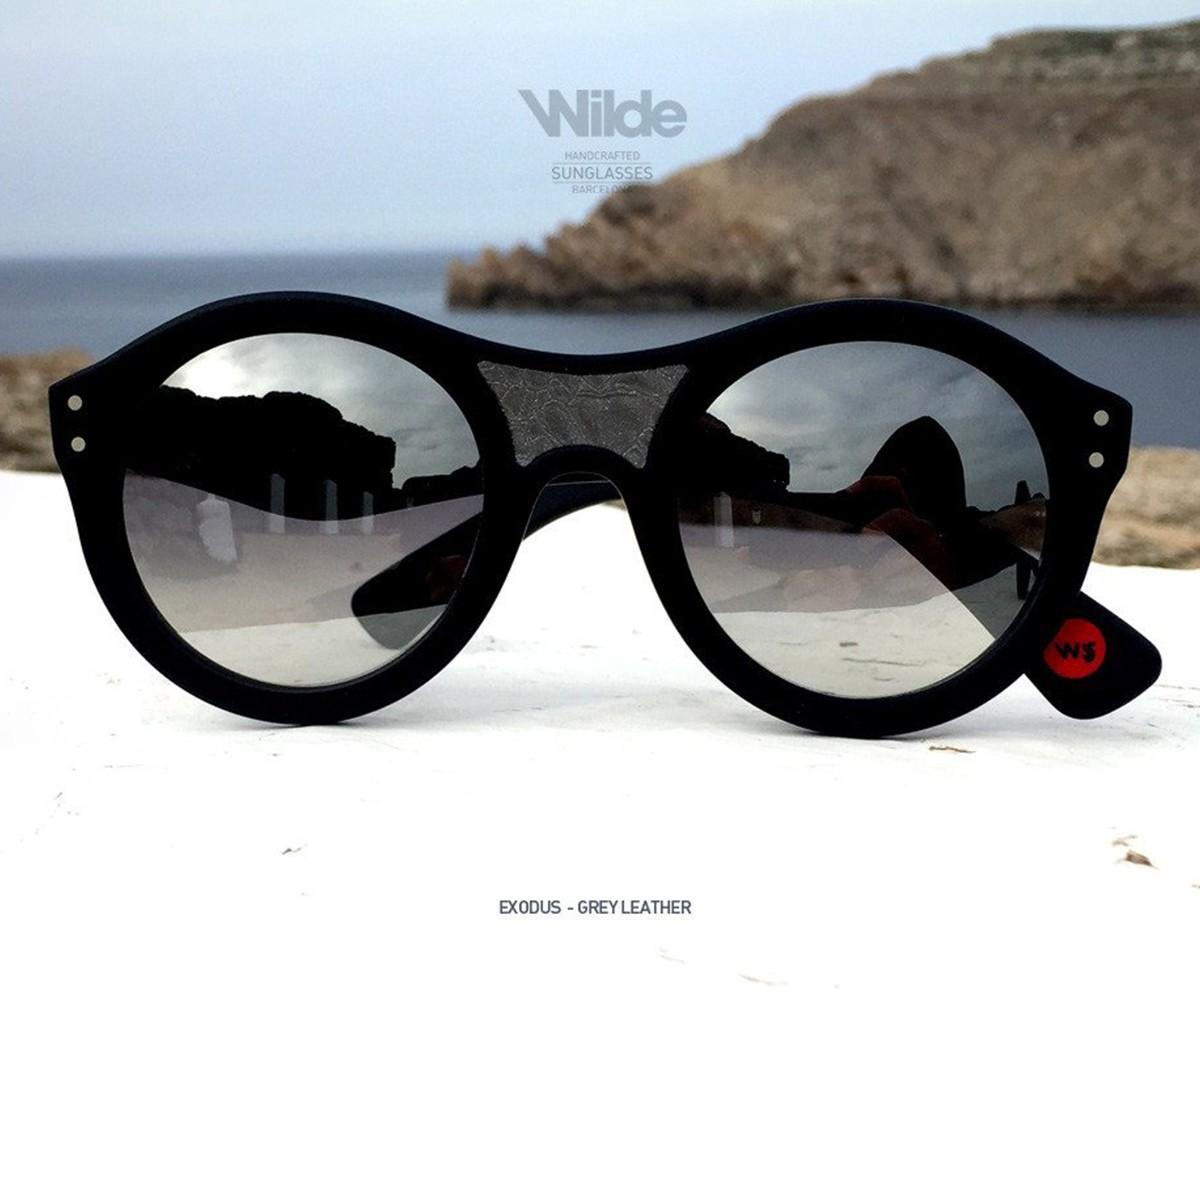 サングラス レディース メンズ Wilde SUNGLASSES ワイルドサングラス EXODUS ブラック レザー BLACK MATTE 送料無料